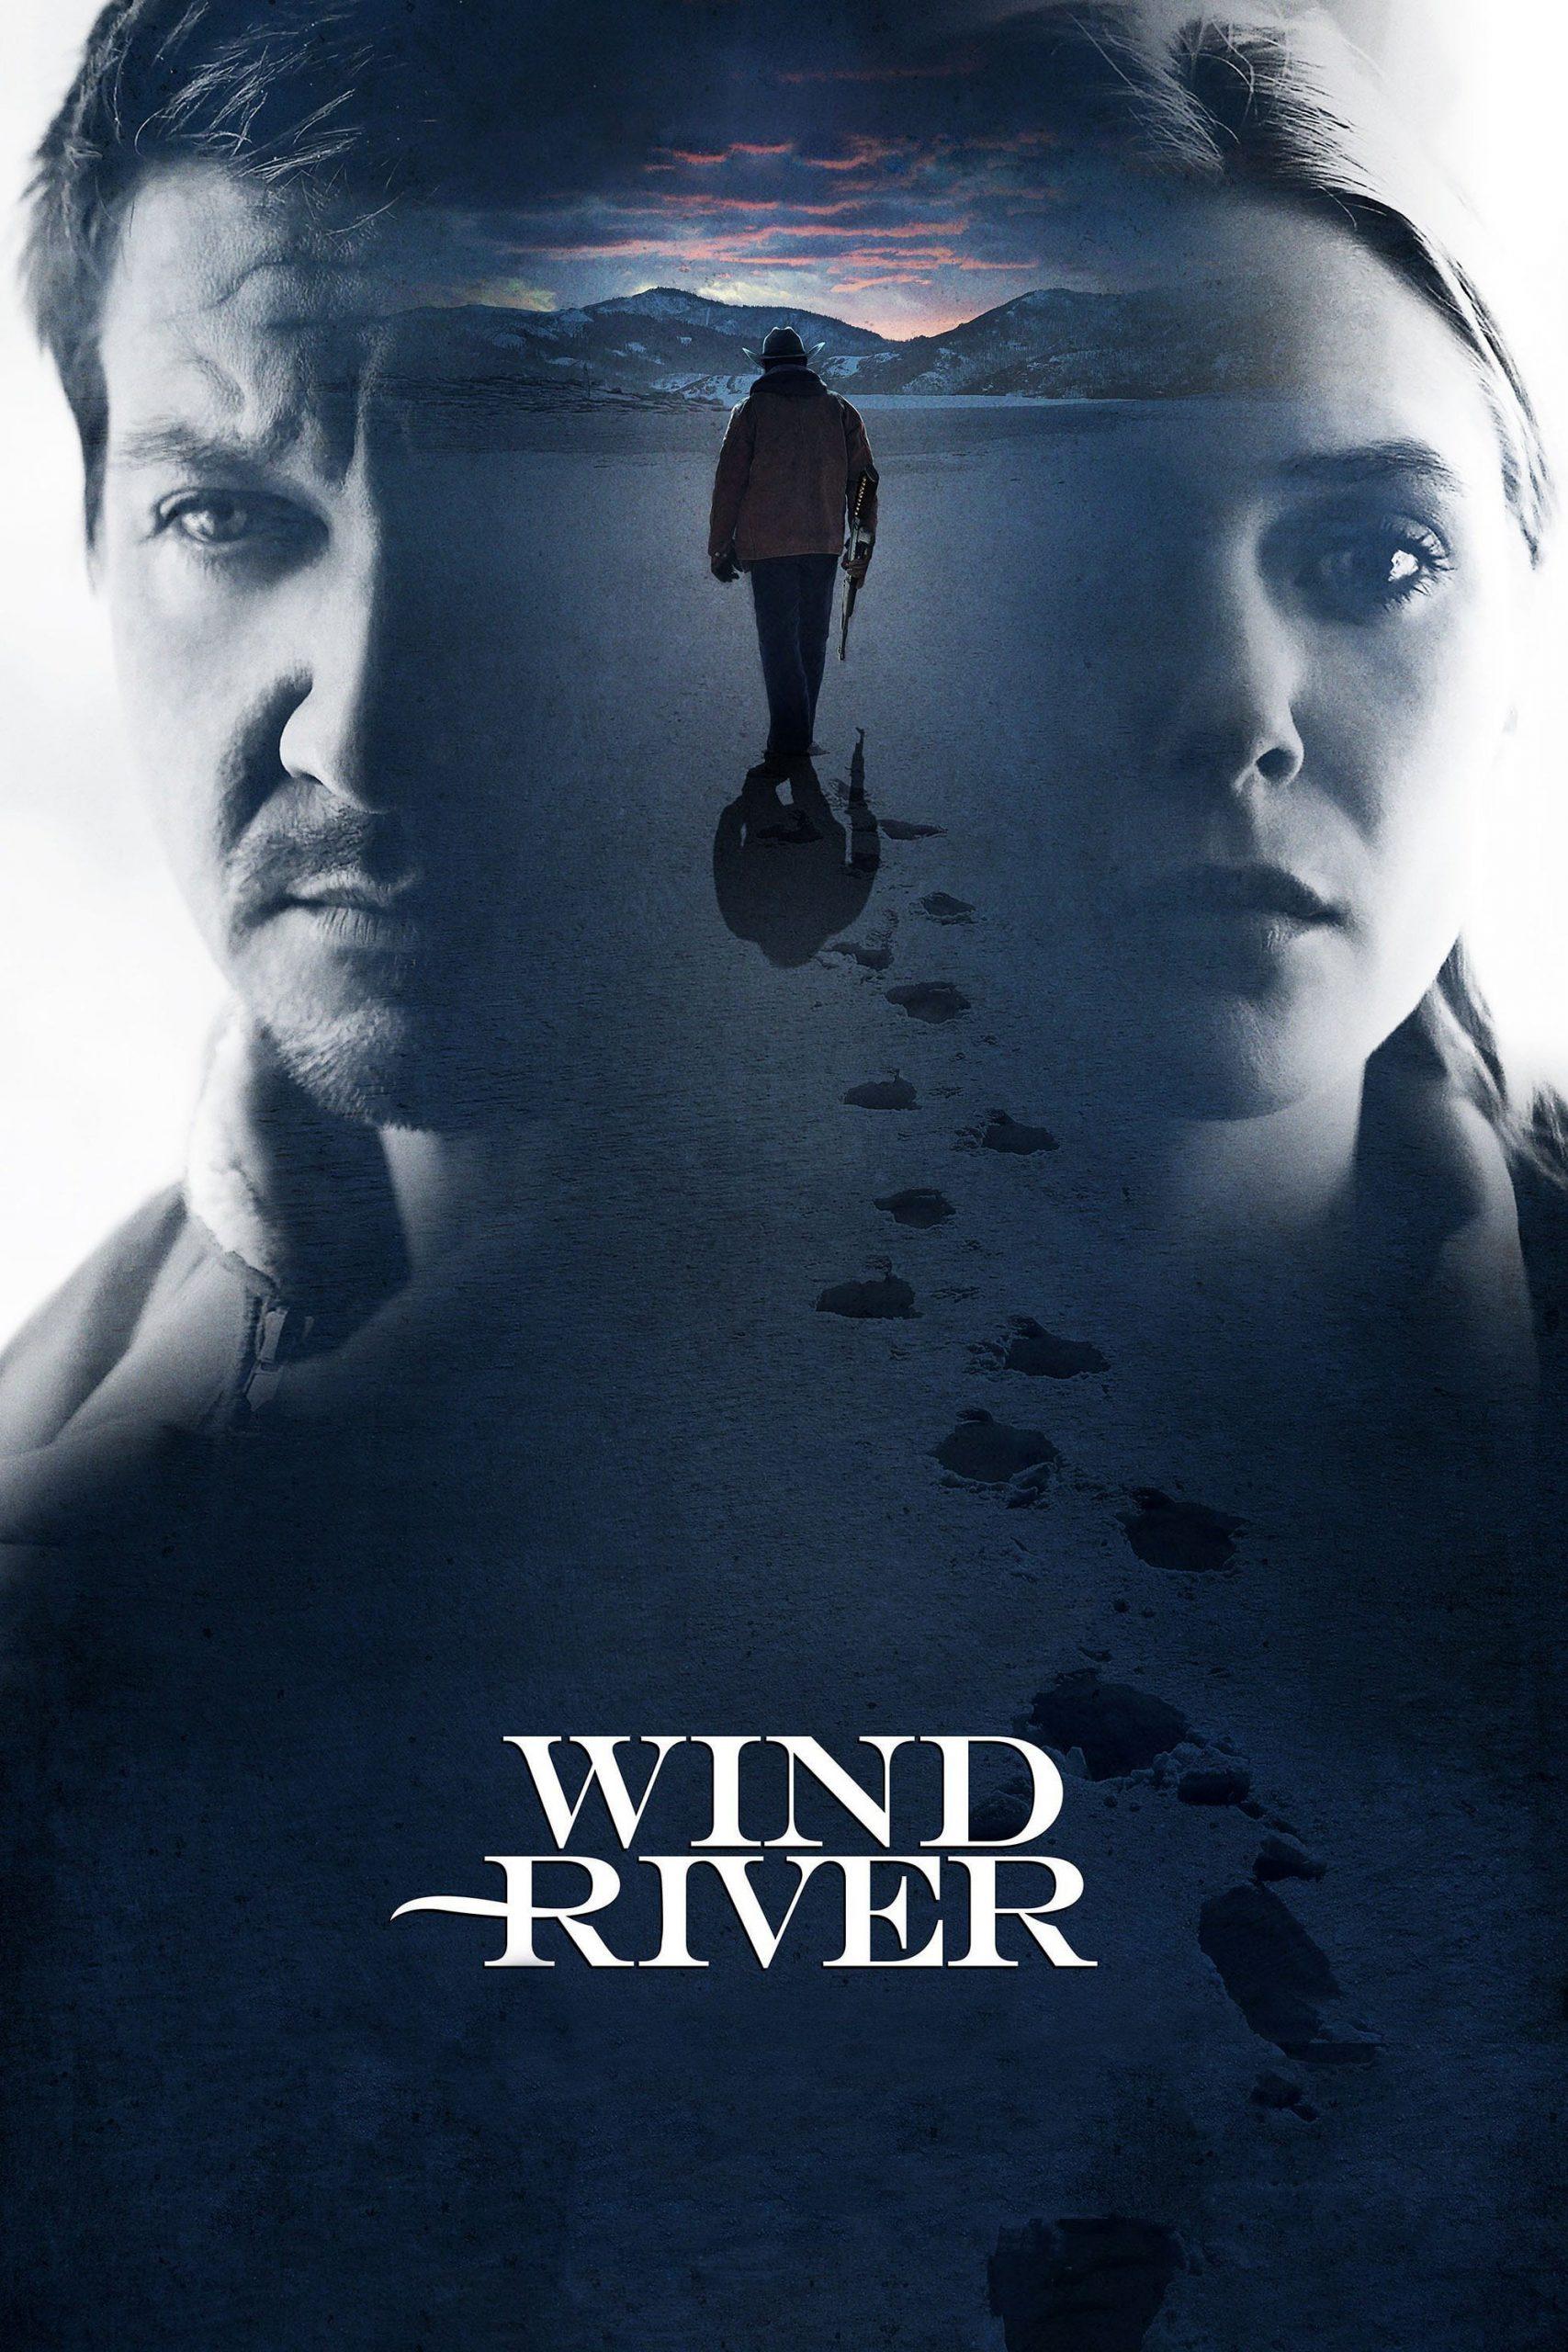 دانلود فیلم Wind River 2017 با دوبله فارسی